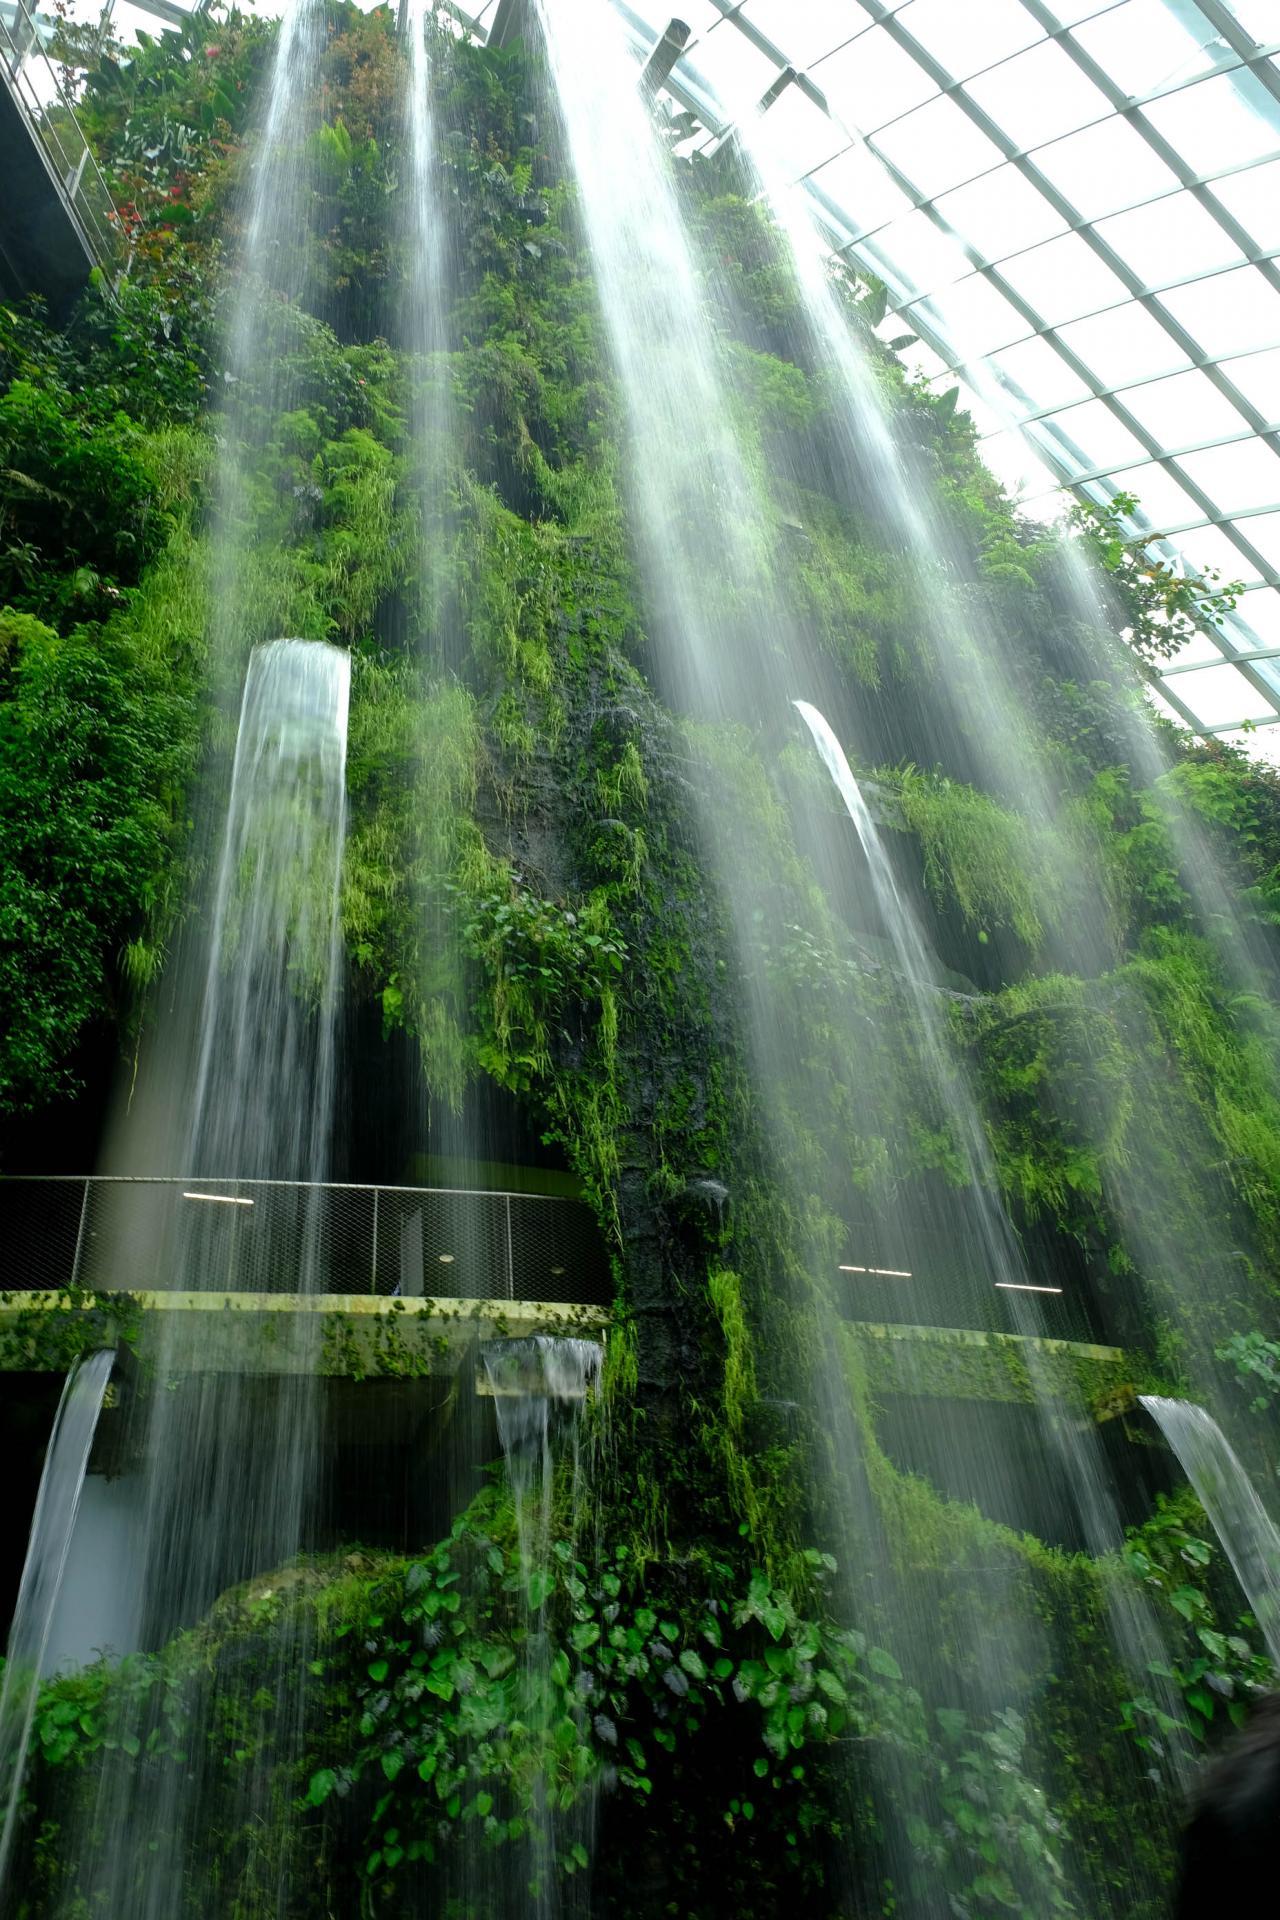 Cloud Forest reproduit un climat de forêt tropicale en altitude de 2000m